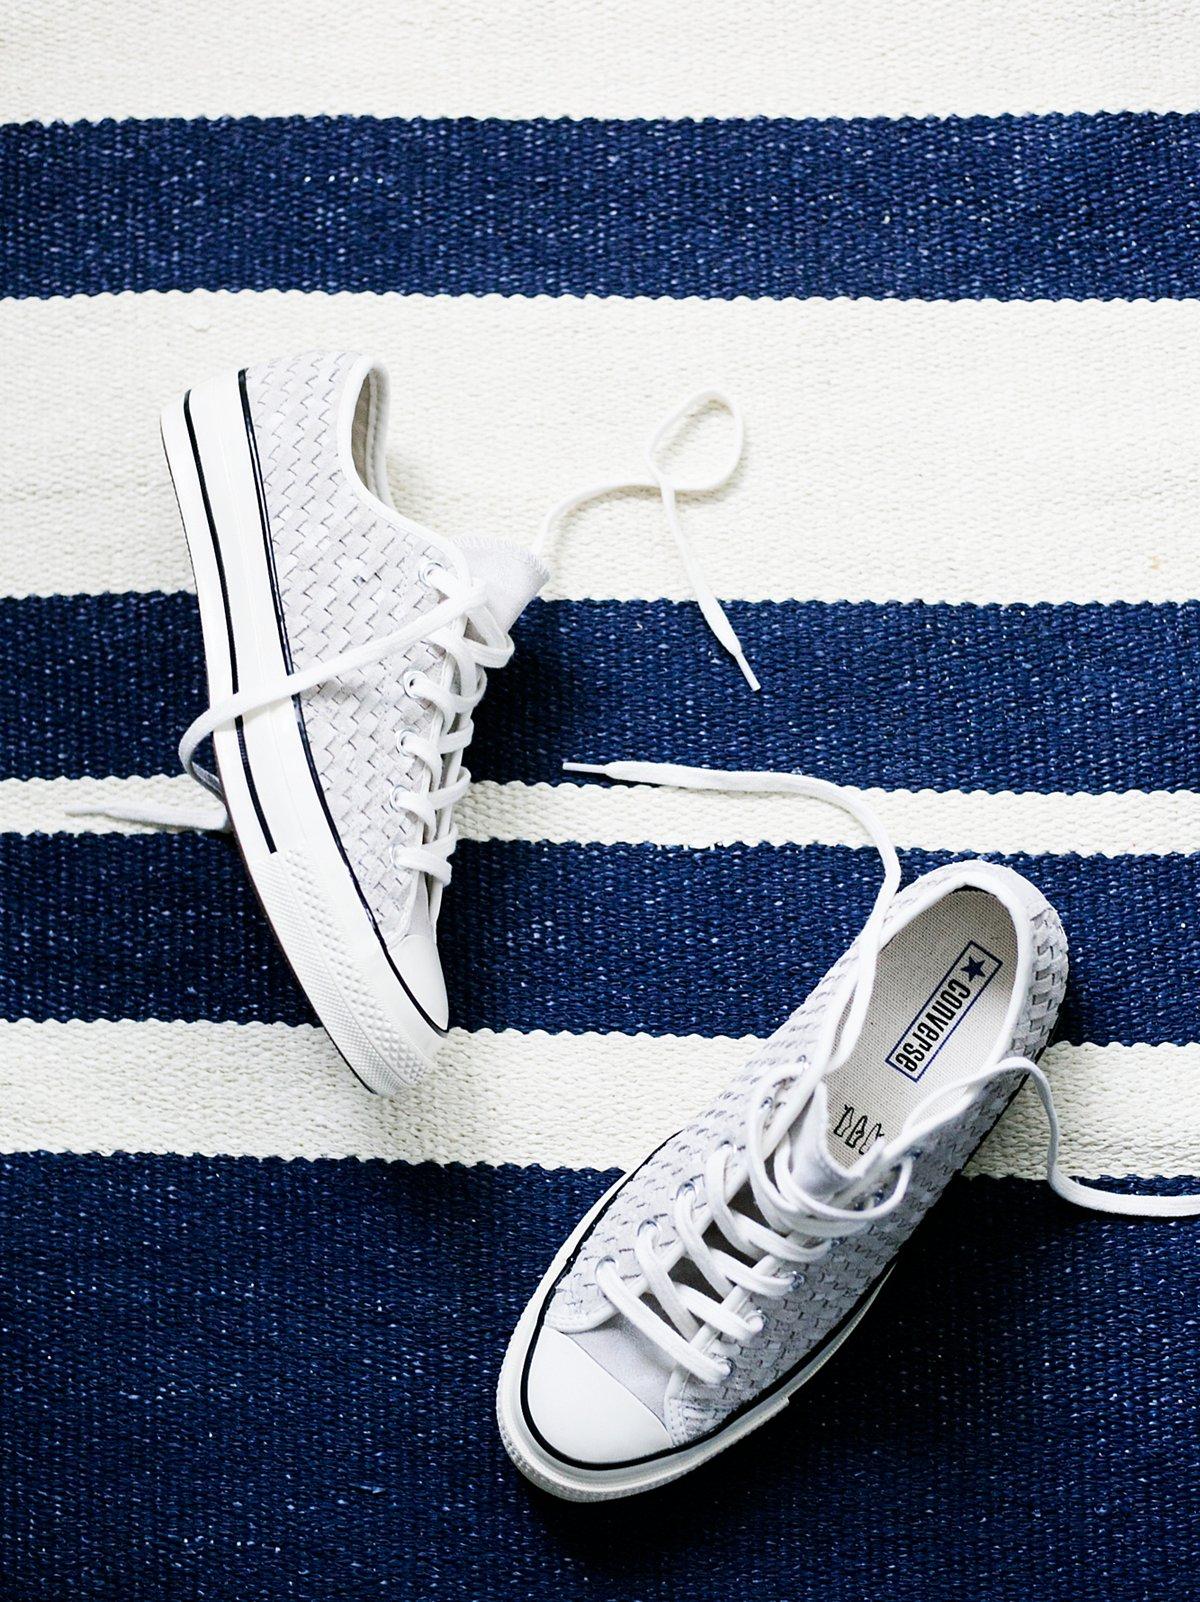 梭织绒面革低帮鞋